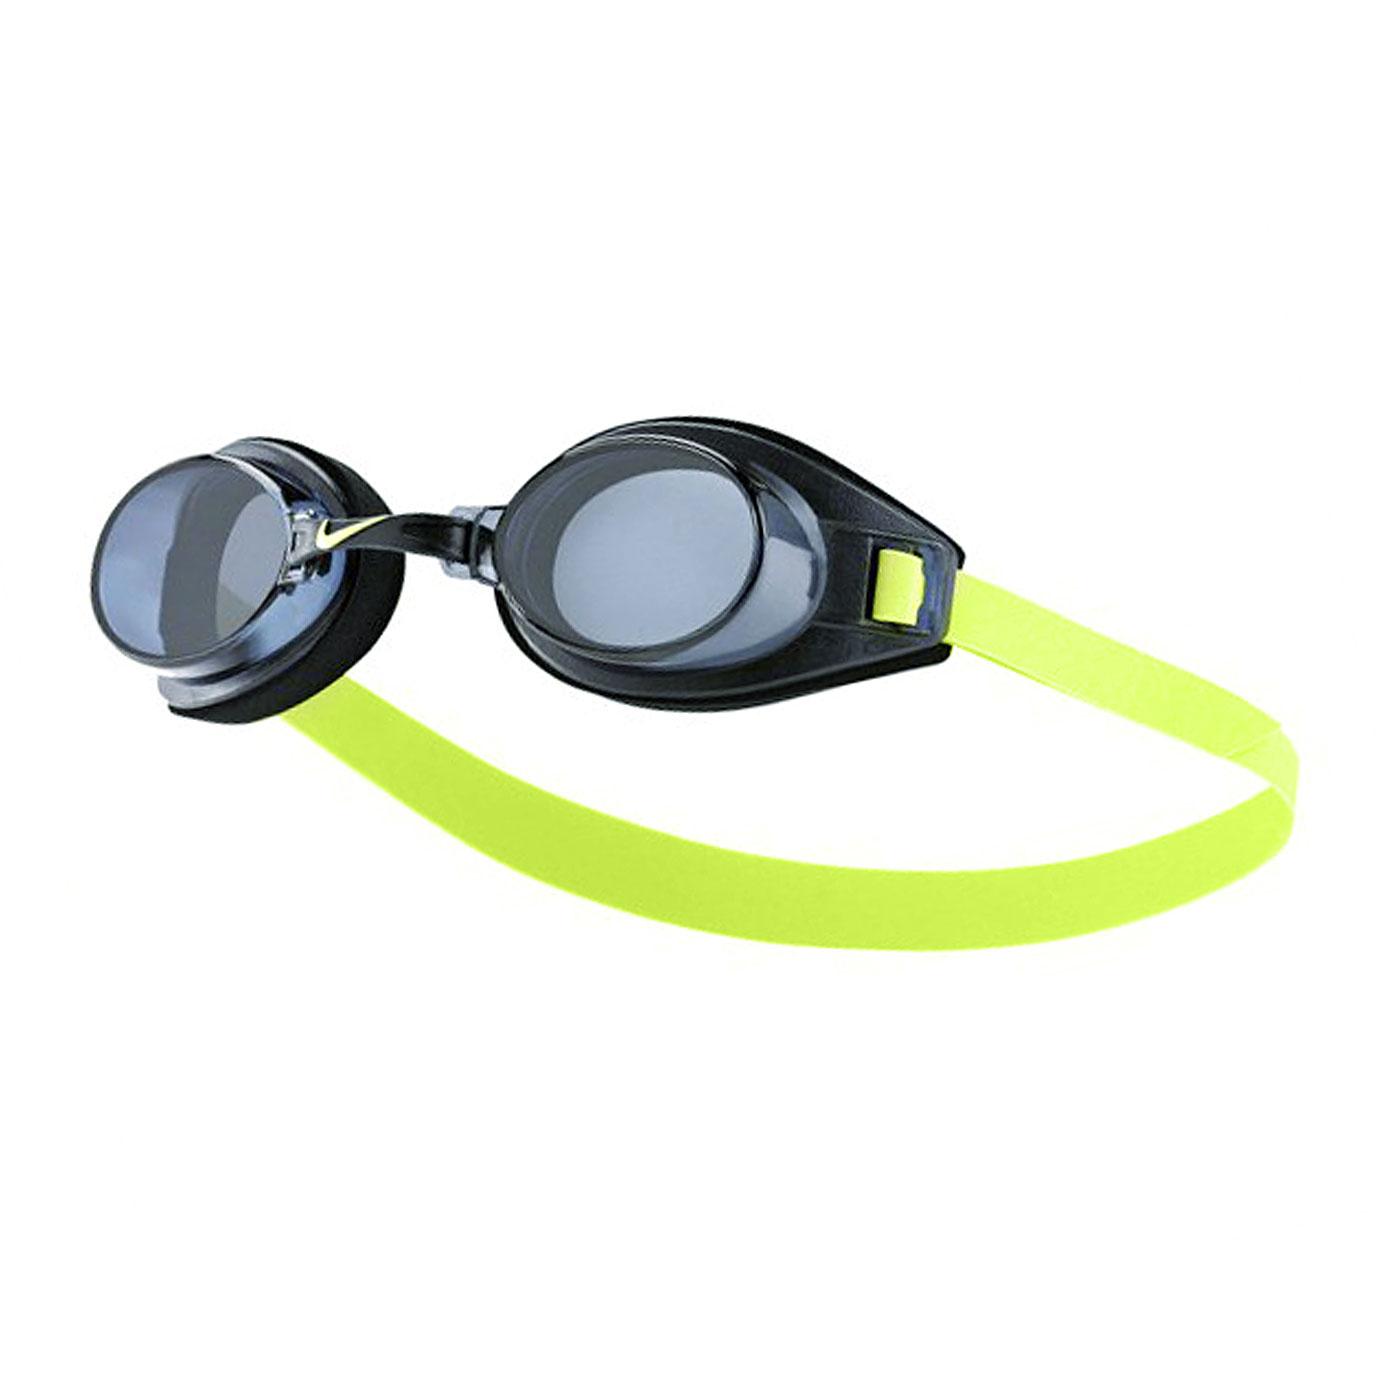 NIKE SWIM 成人休閒型泳鏡 TFSS0555-007 - 黑綠